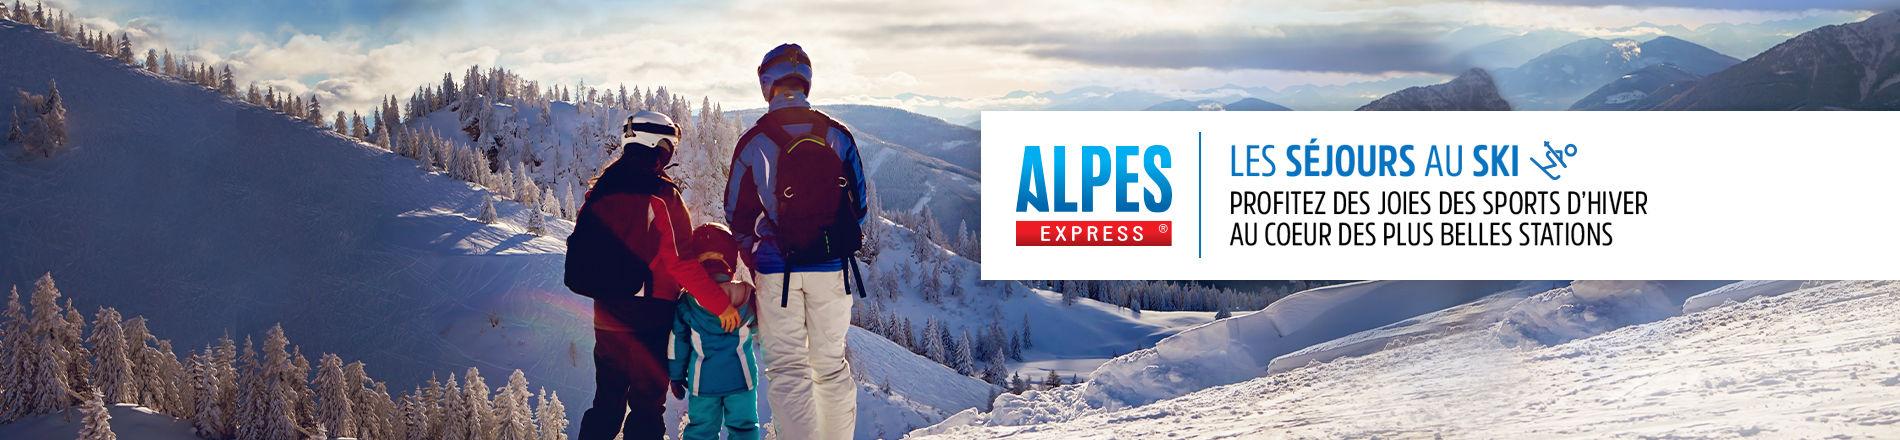 Séjours à la neige avec Alpes Express